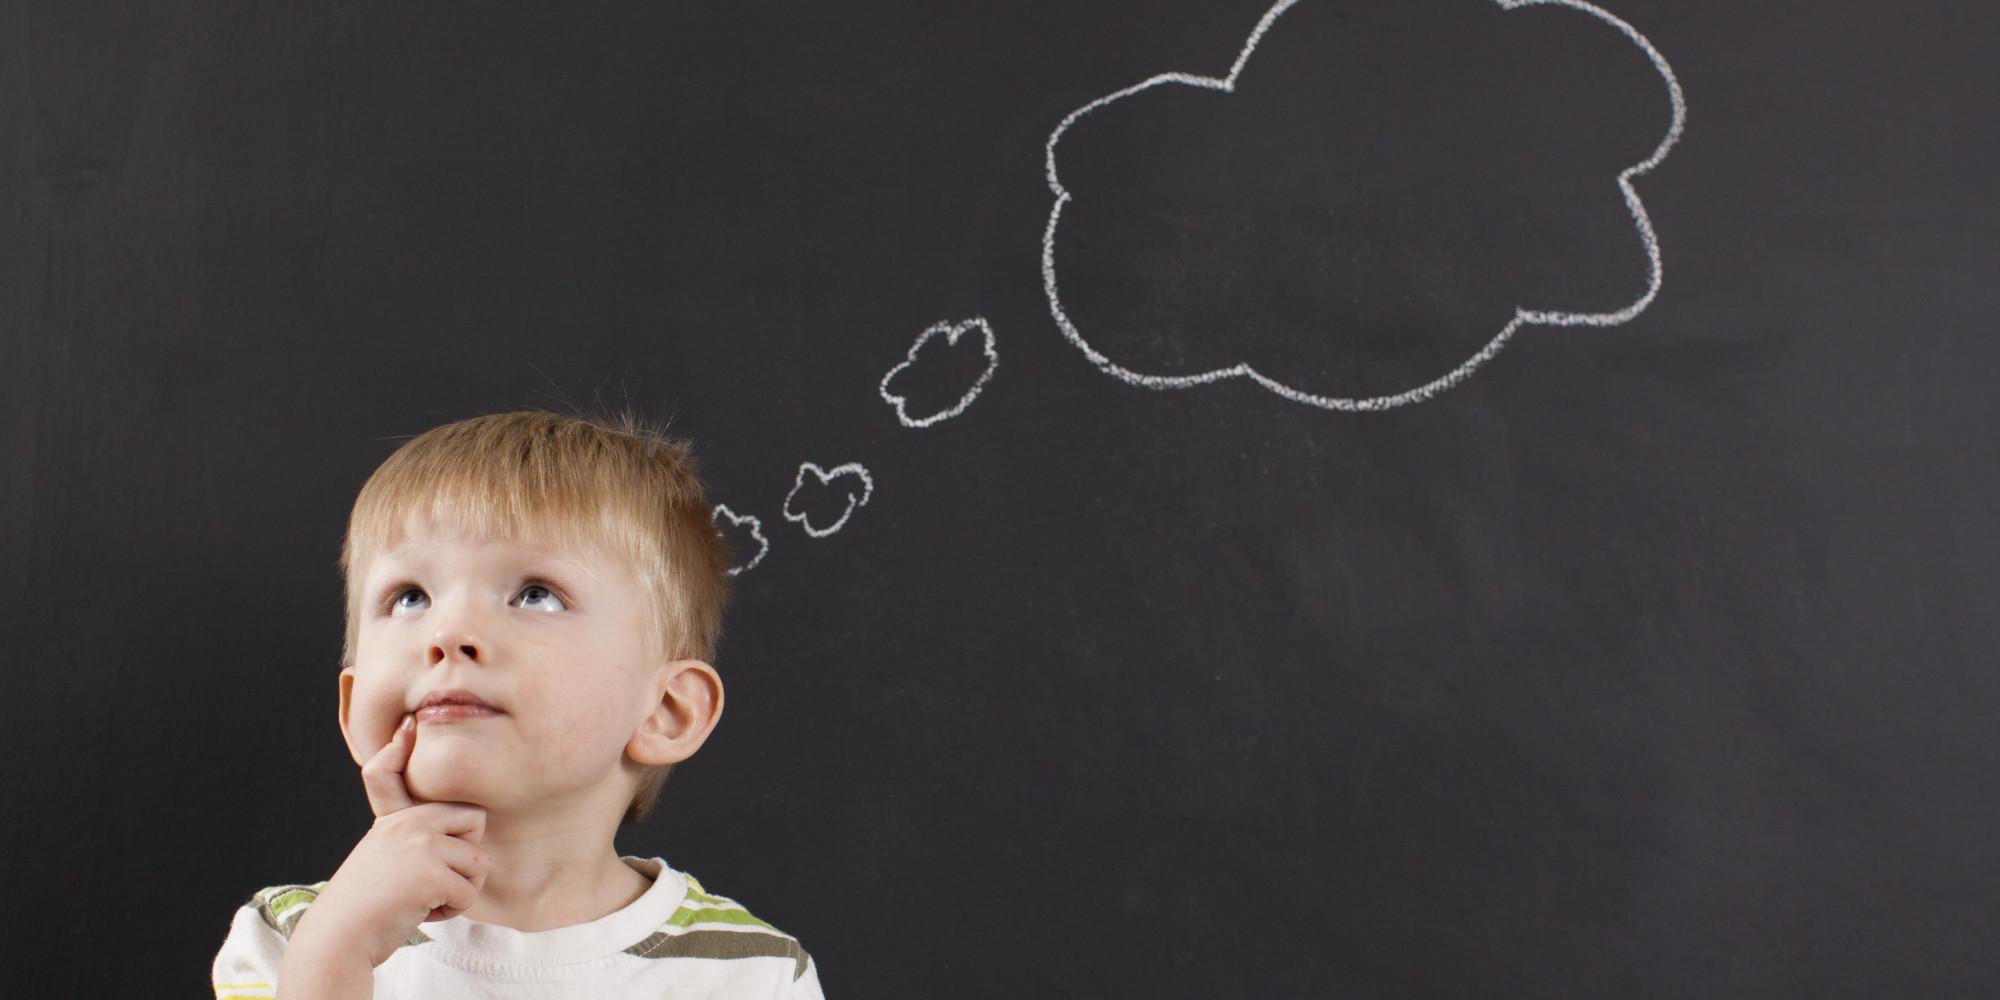 intelege mintea copilului tau